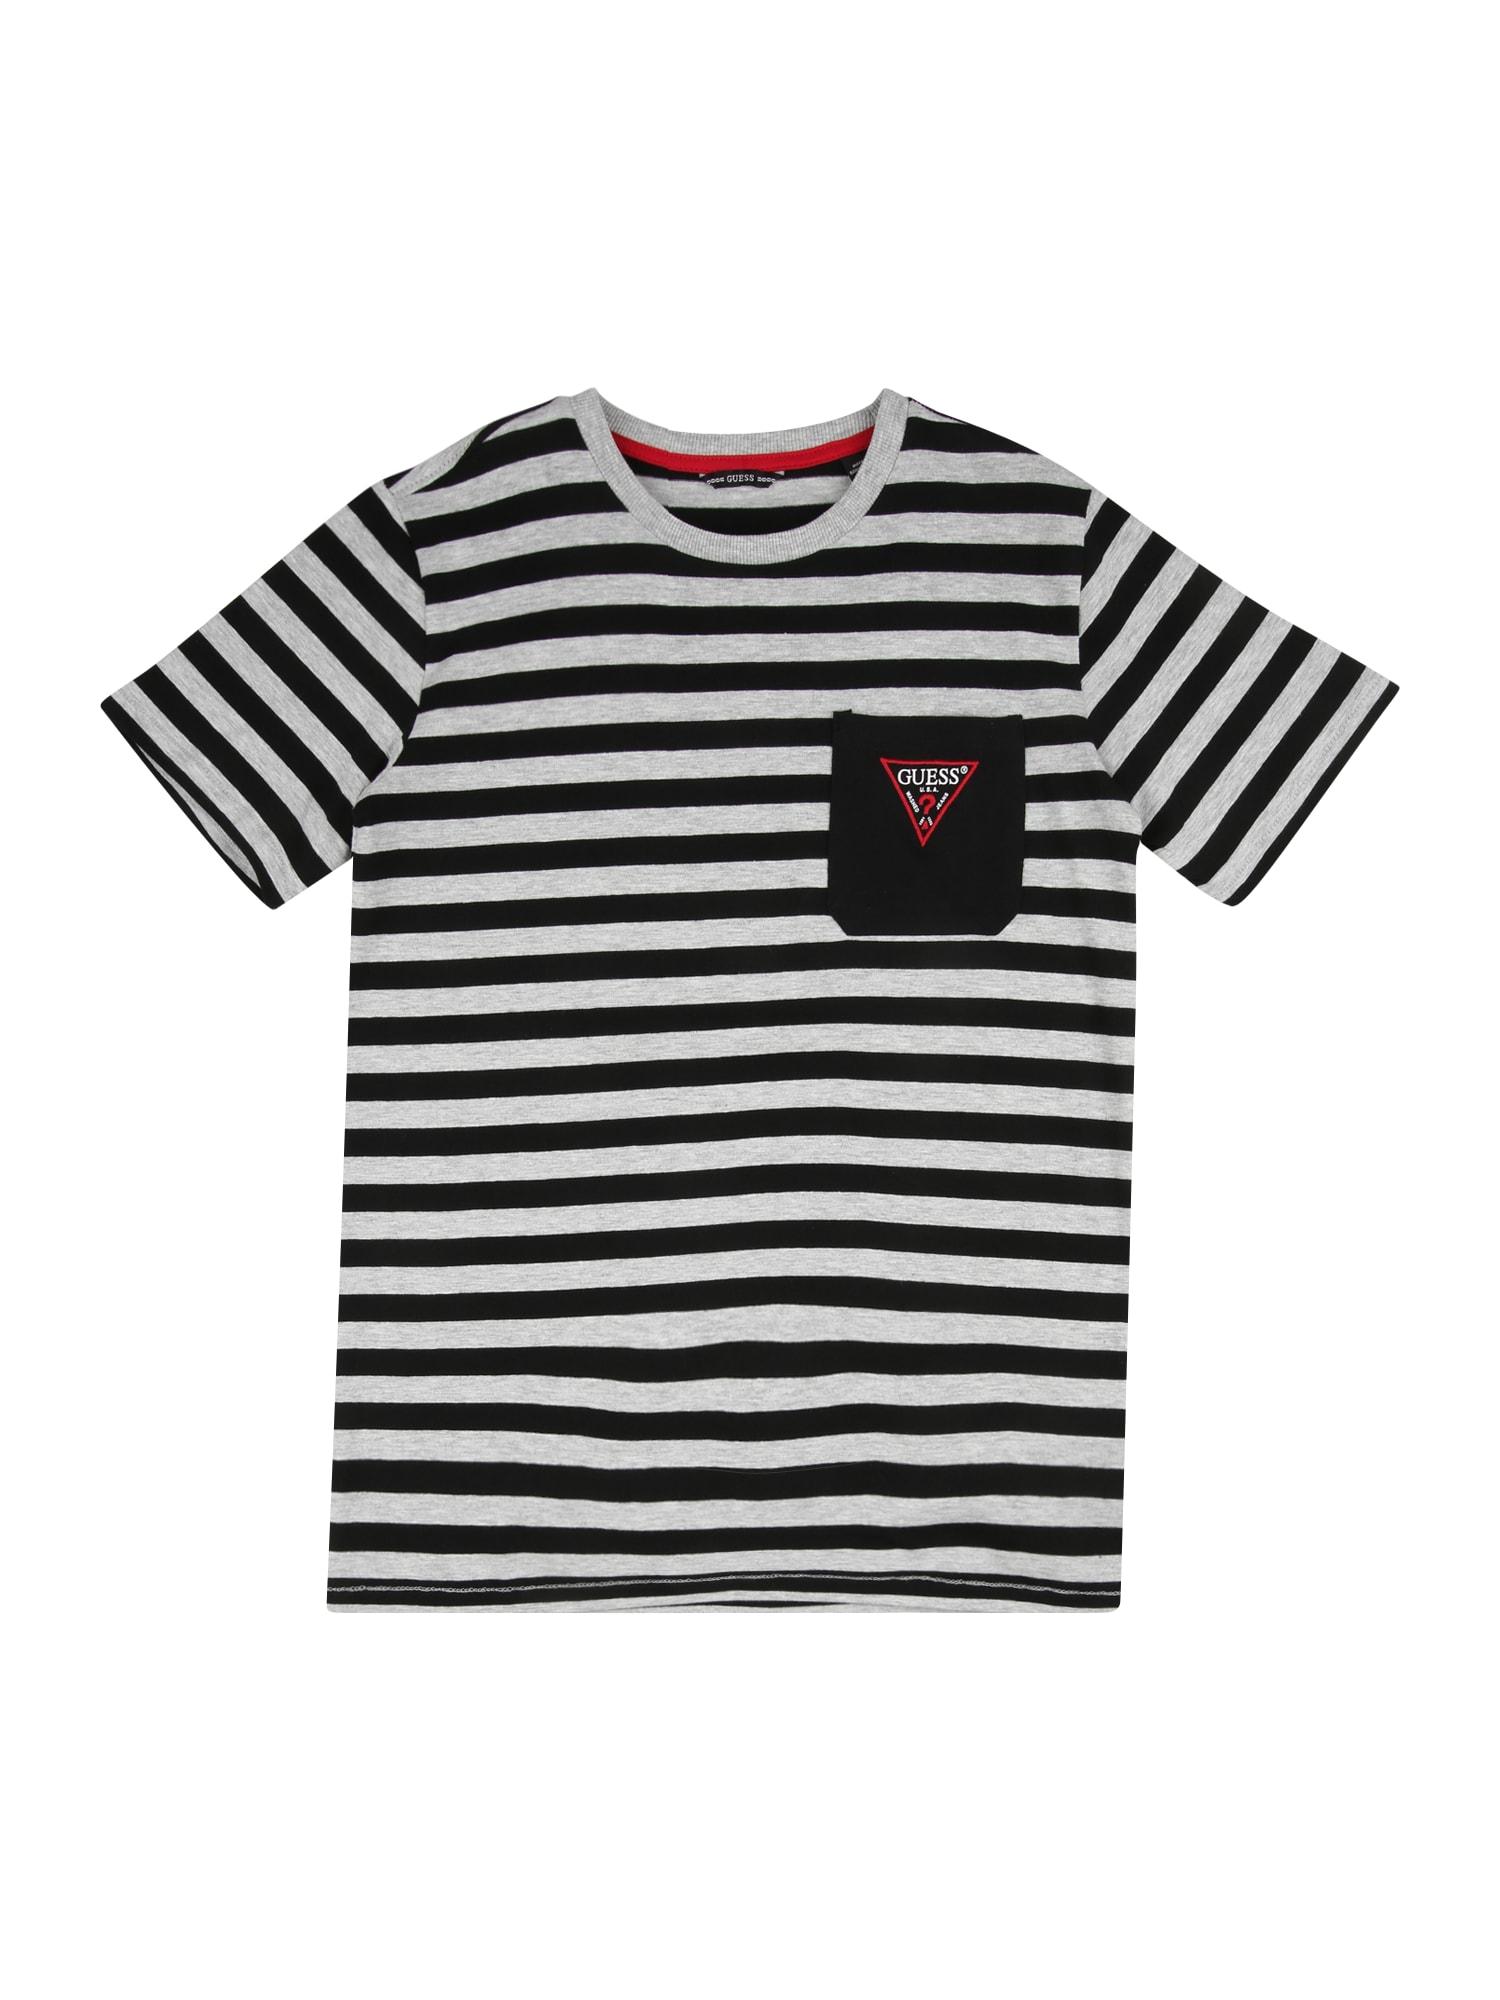 GUESS KIDS Marškinėliai pilka / juoda